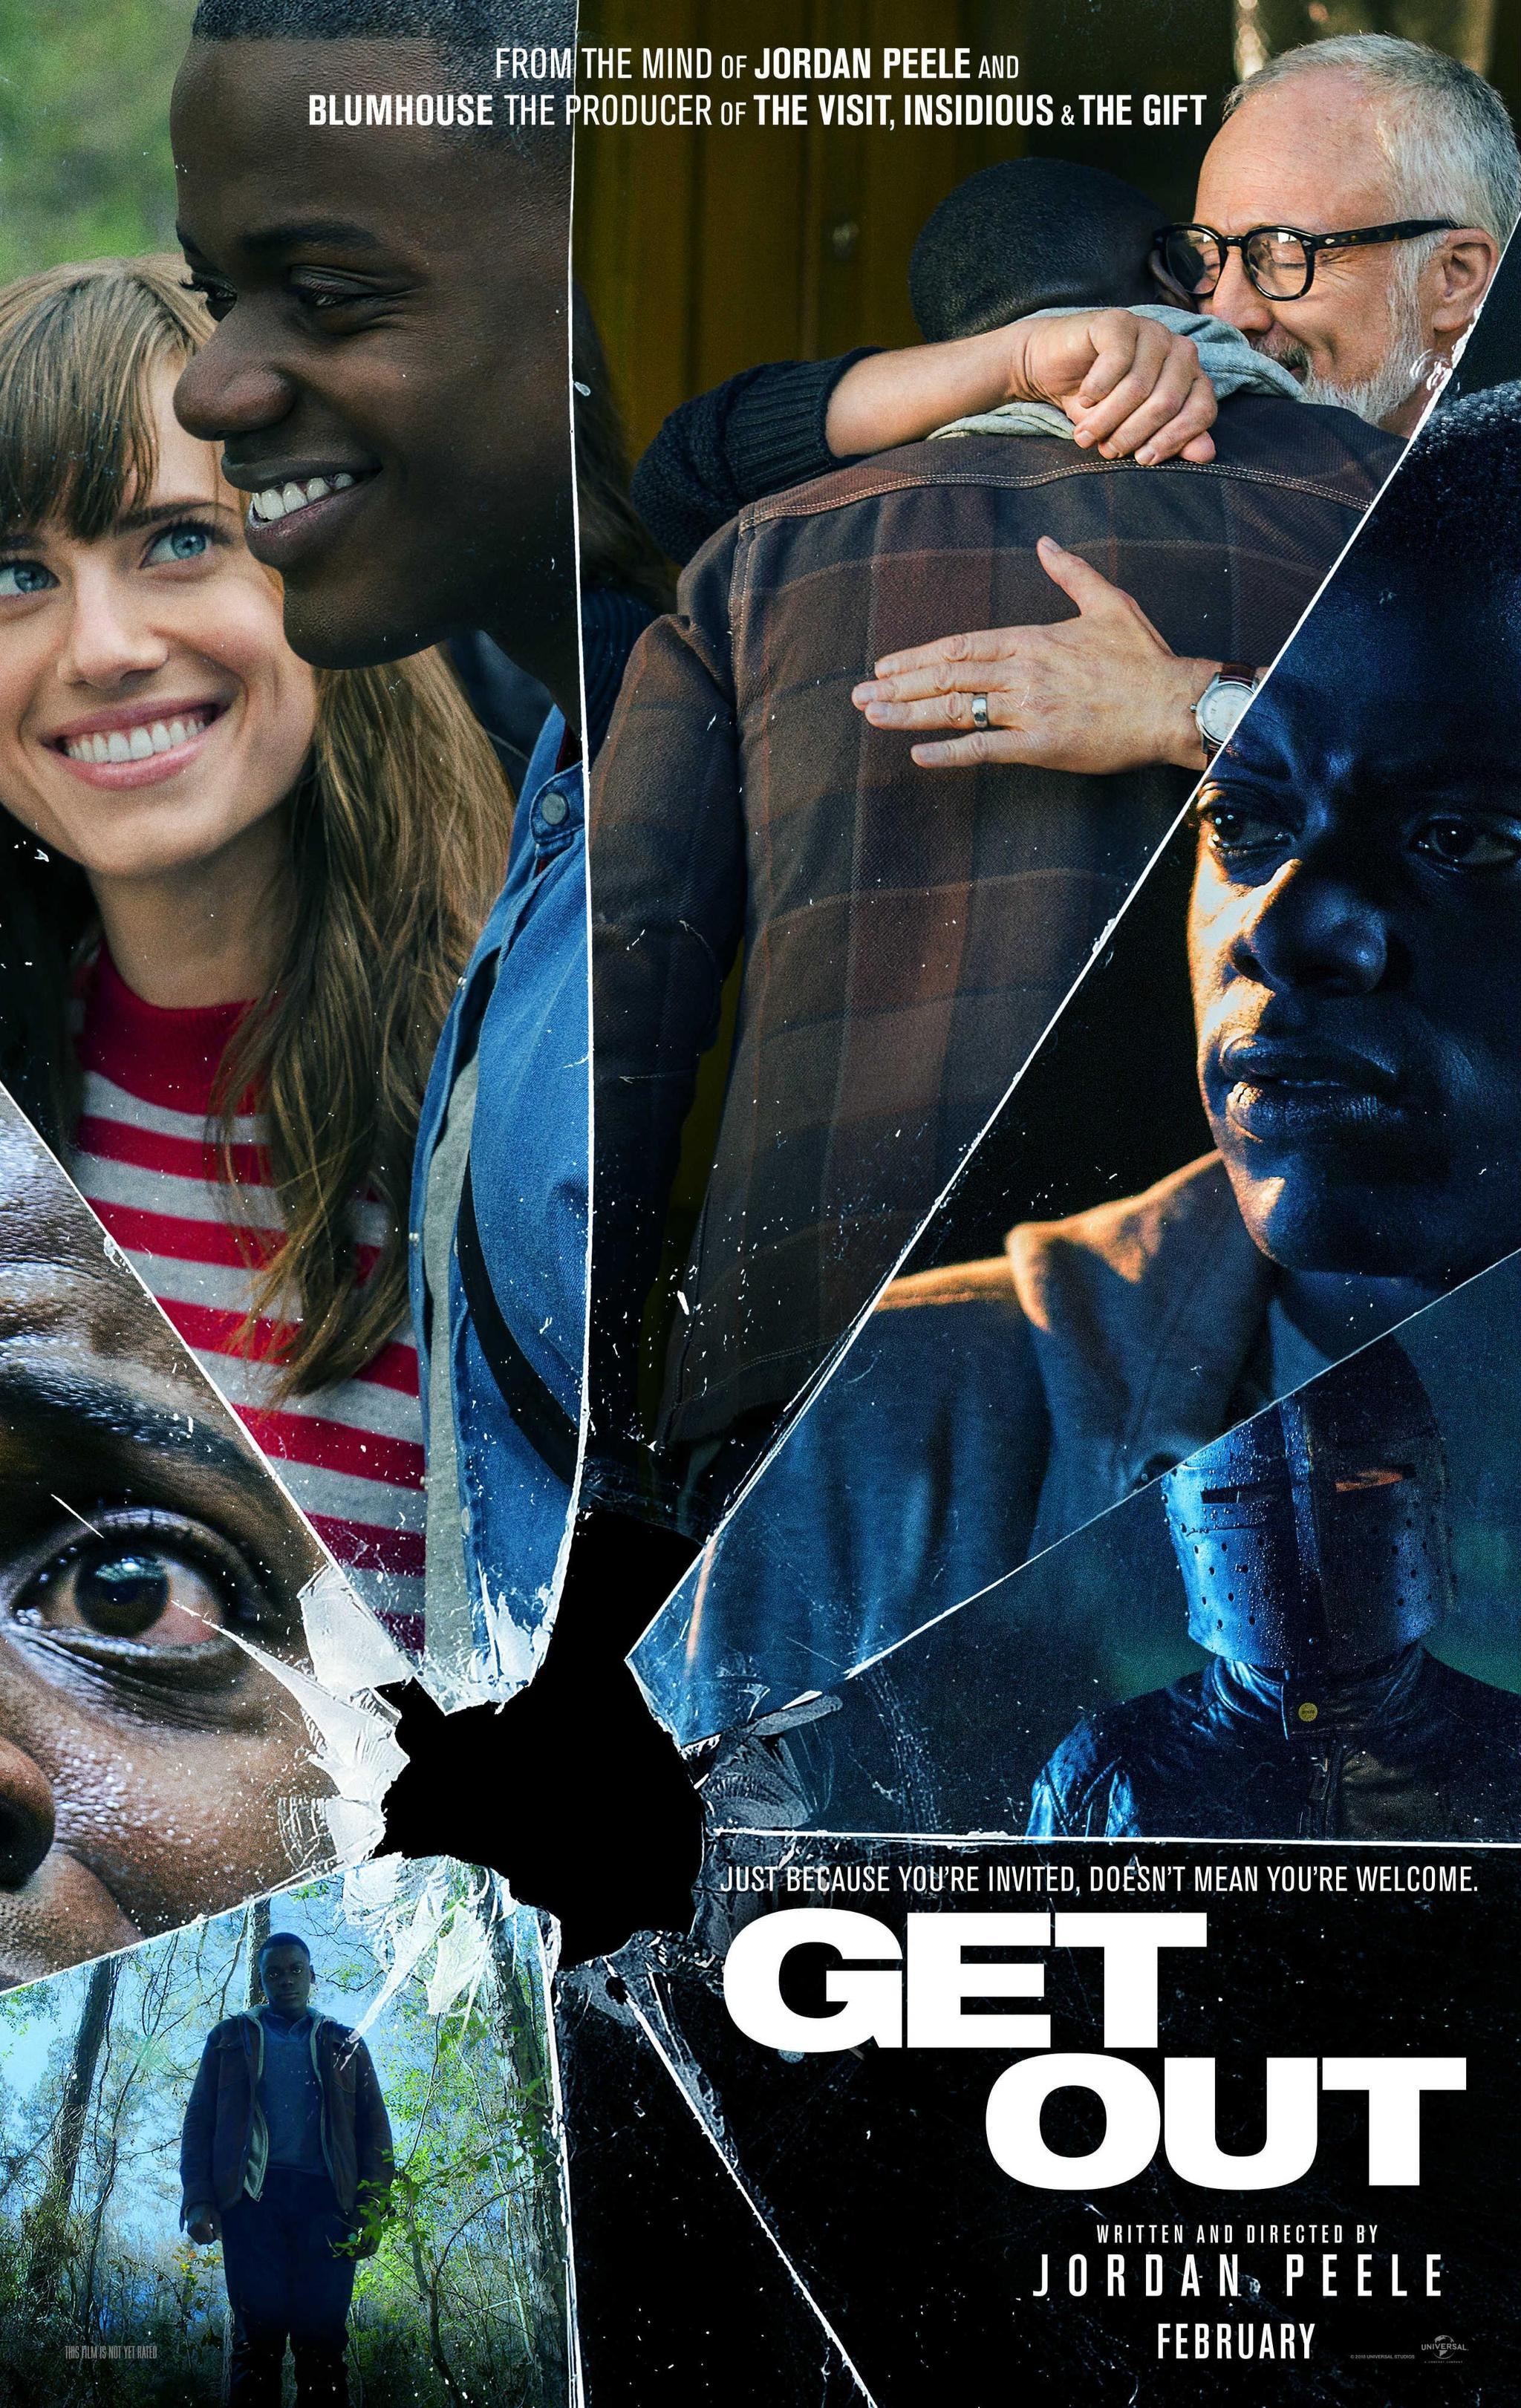 美国导演工会奖公布提名 《绝命镇》入围两项大奖